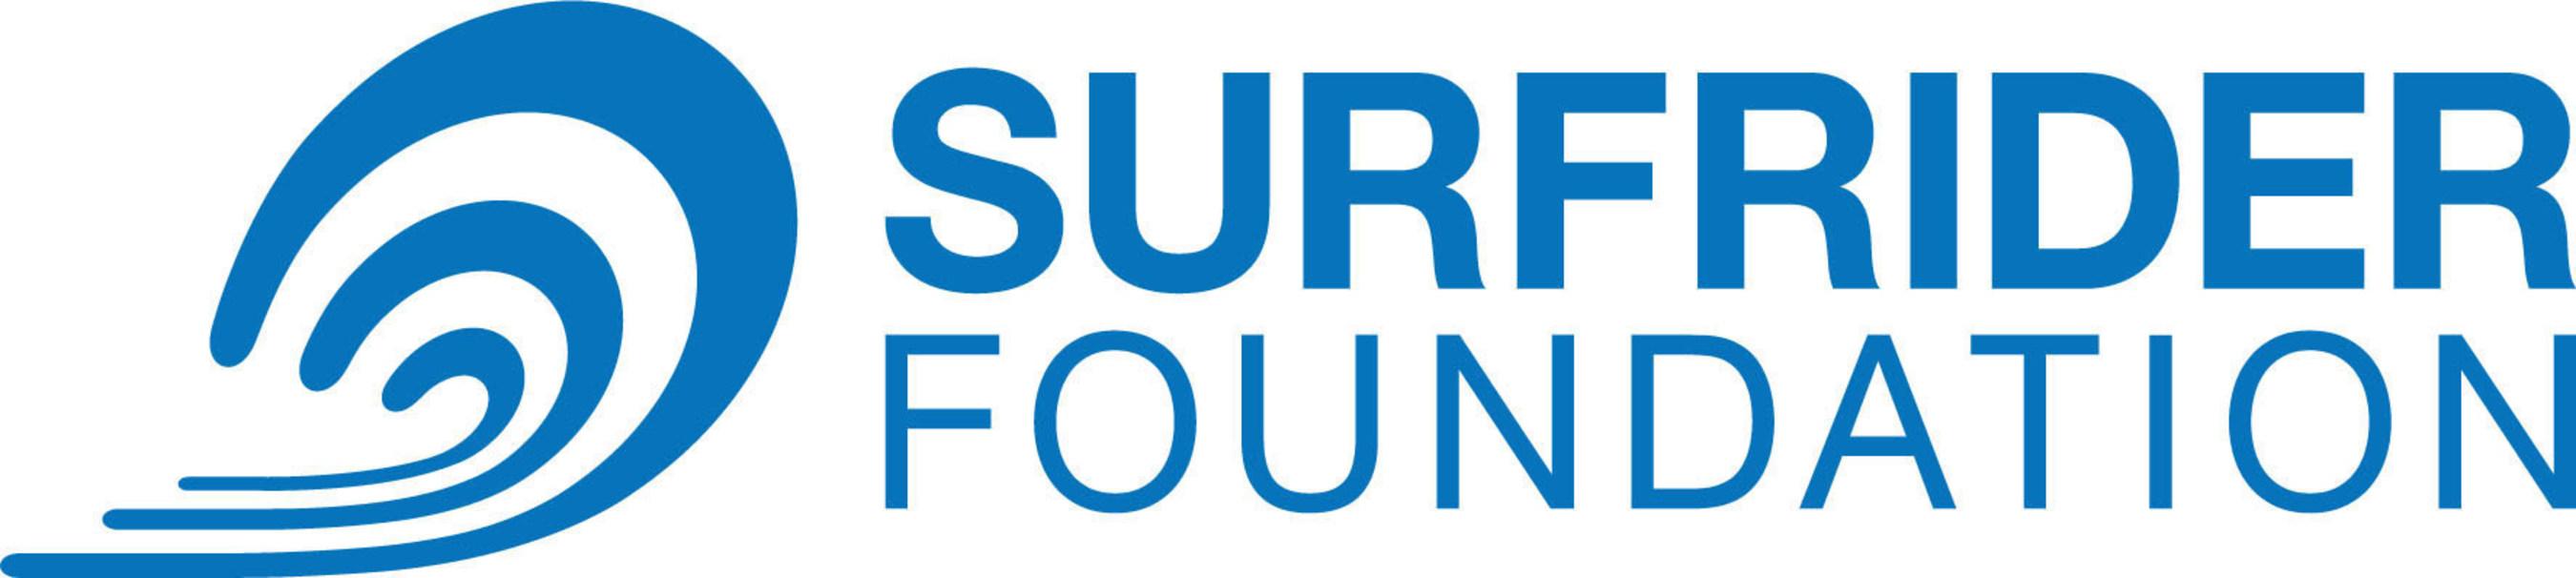 """Résultat de recherche d'images pour """"SURFRIDER FOUNDATION"""""""